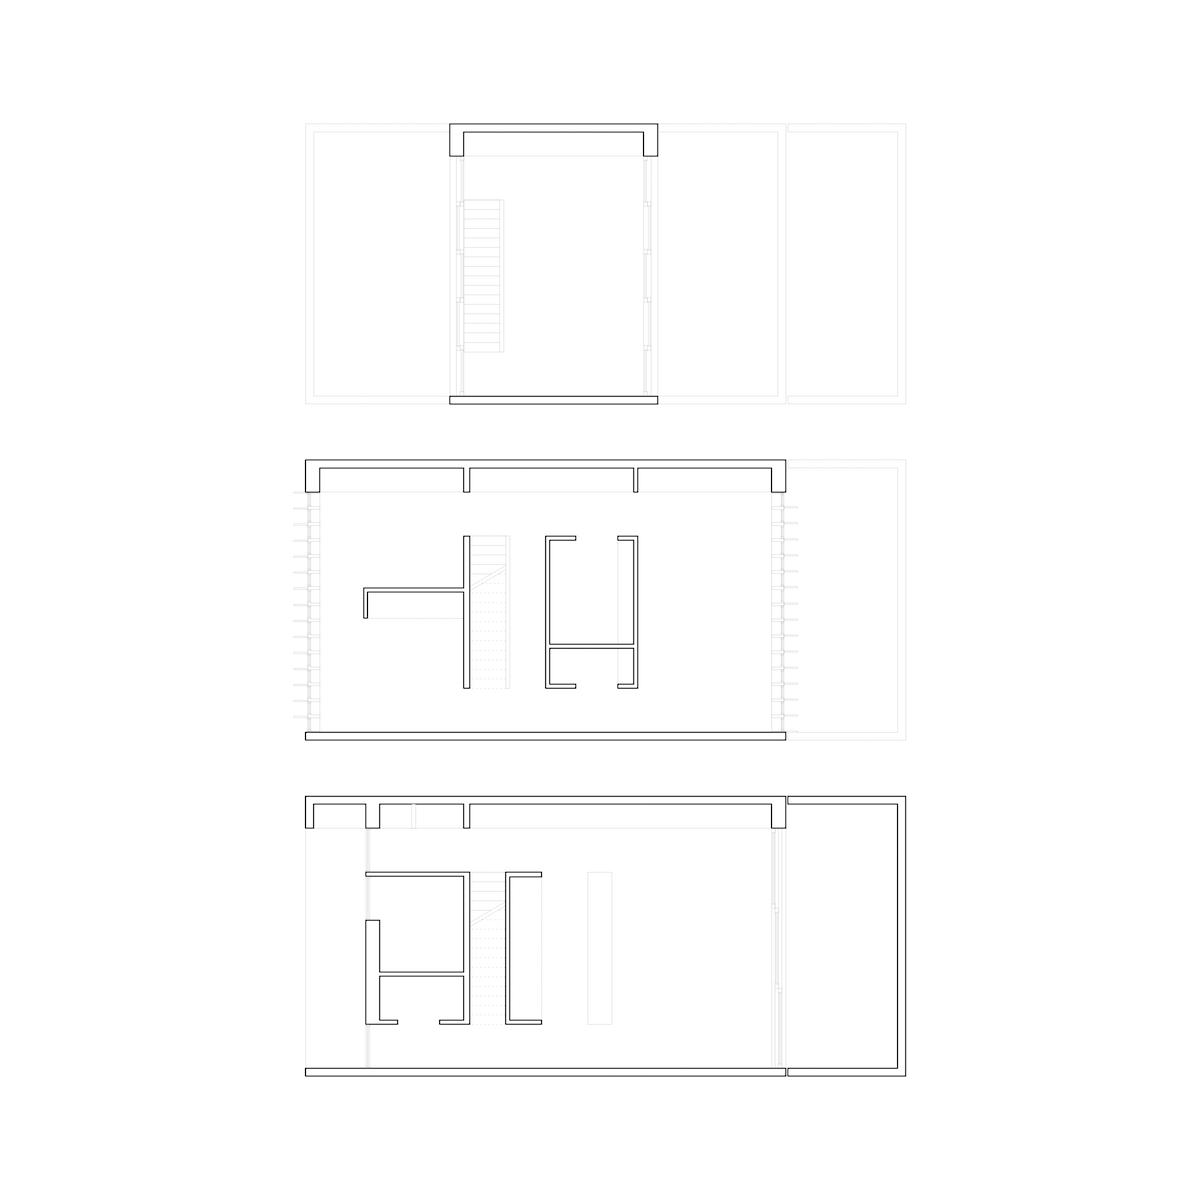 V12K03 – Urban Housing – ArcDog